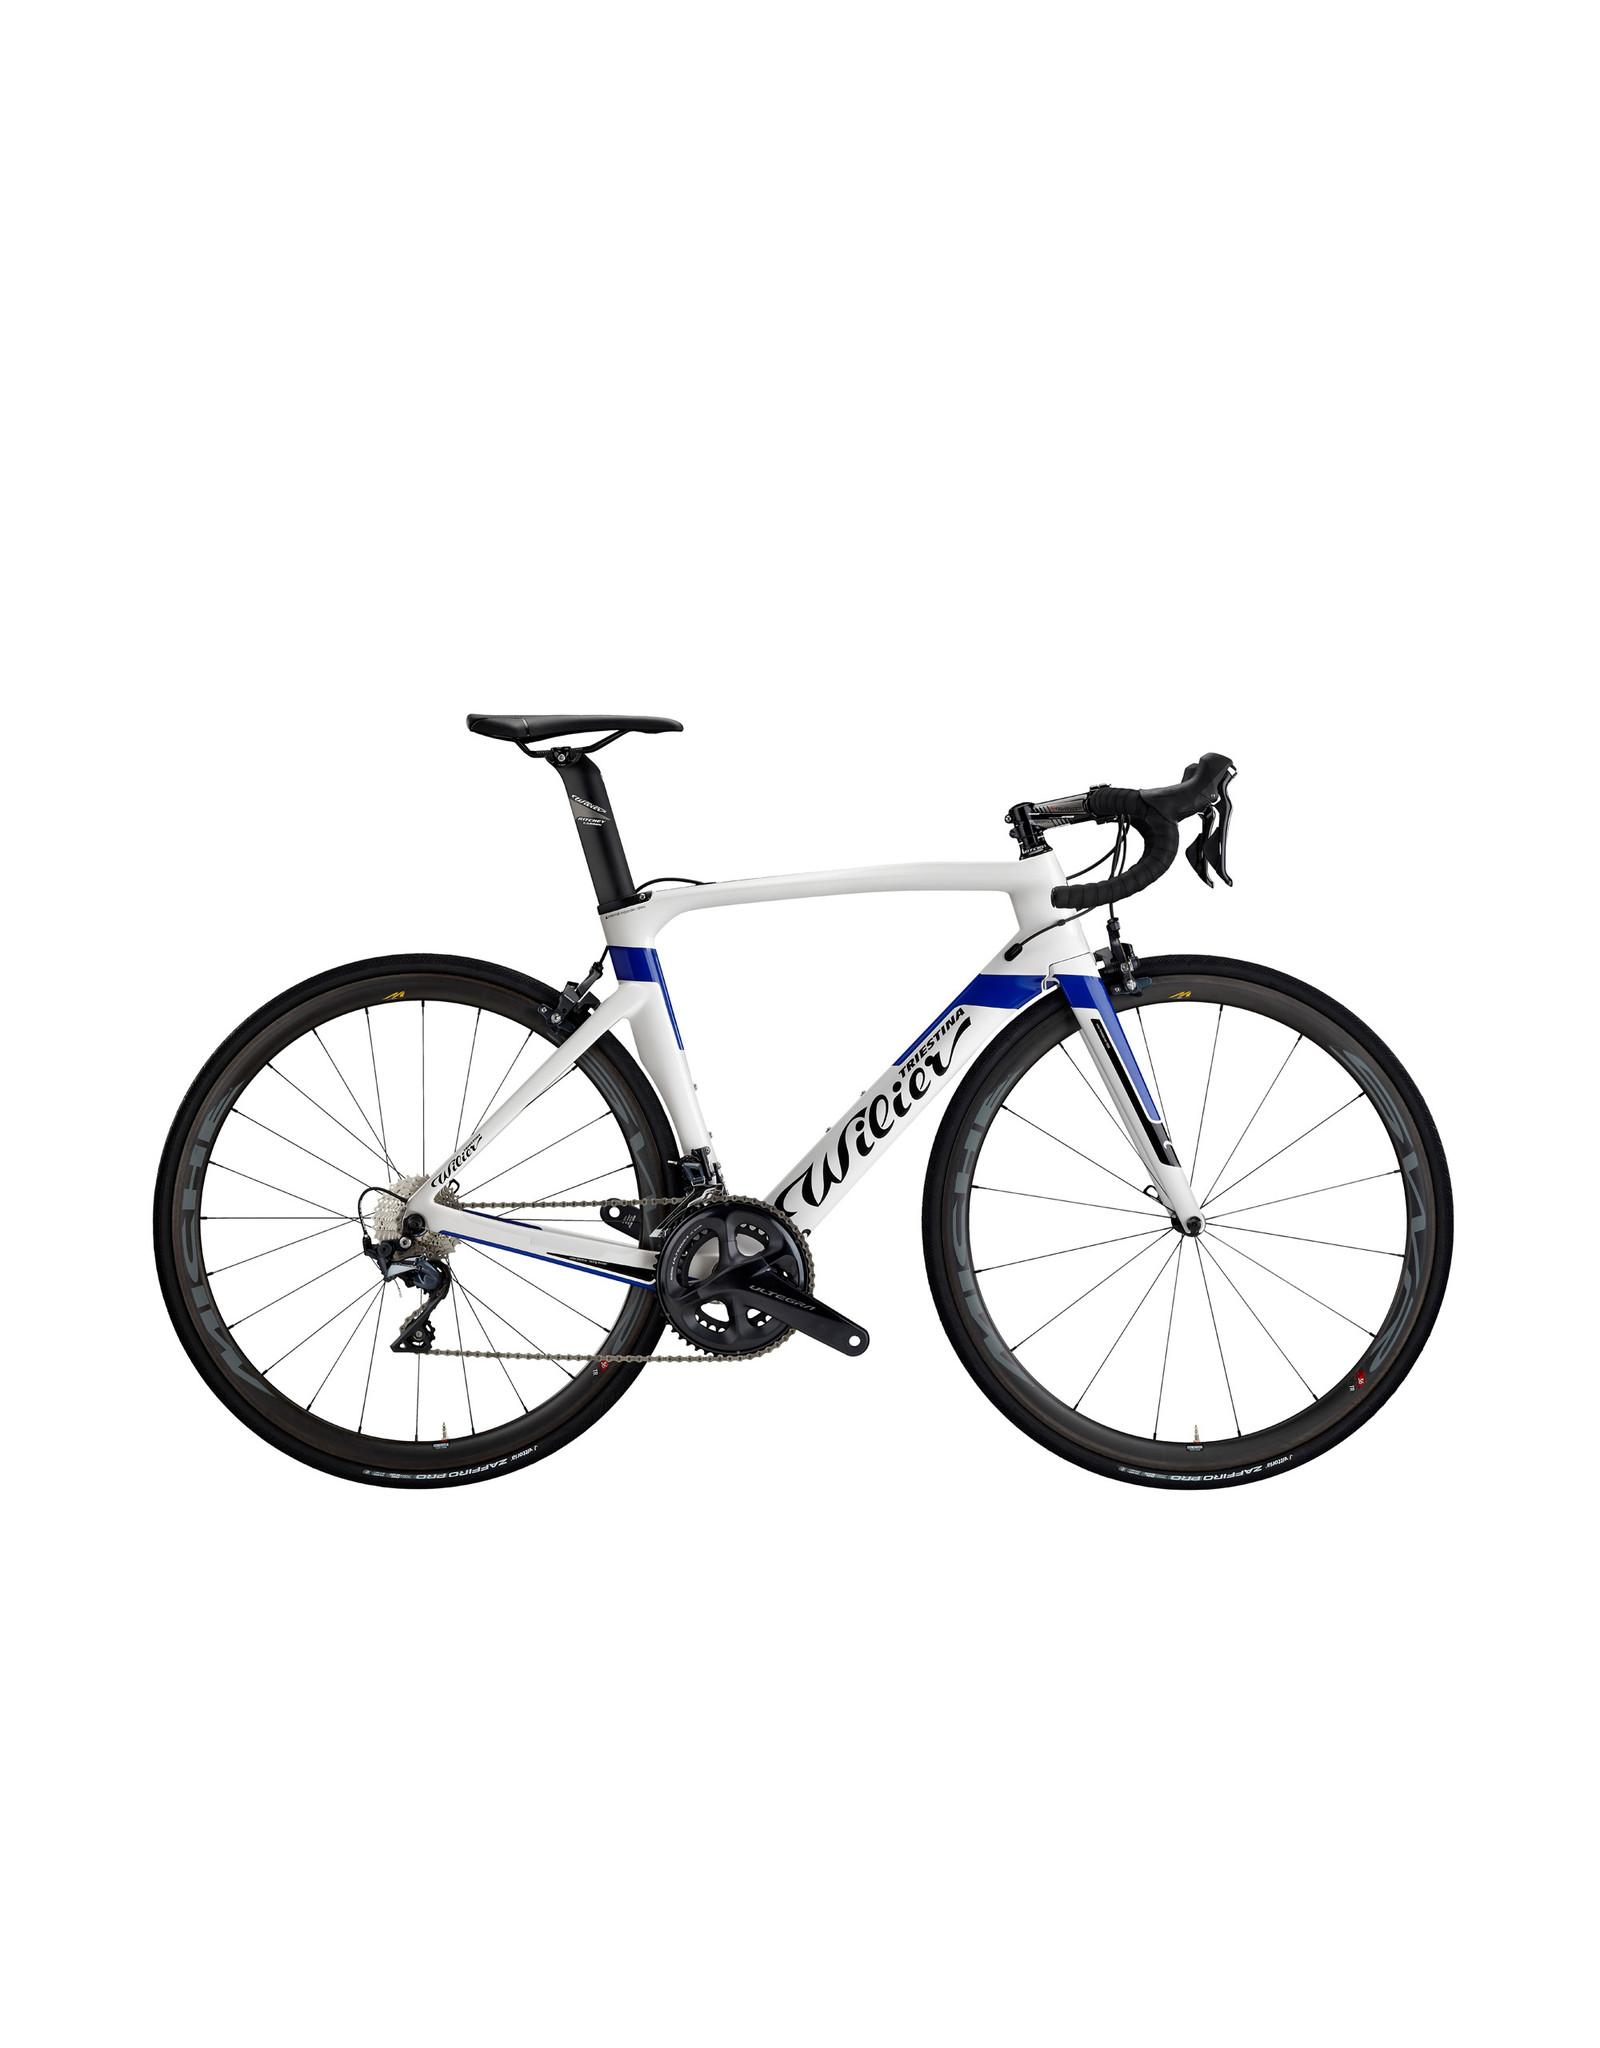 Wilier Medium Cento1Air Frameset White/Blue